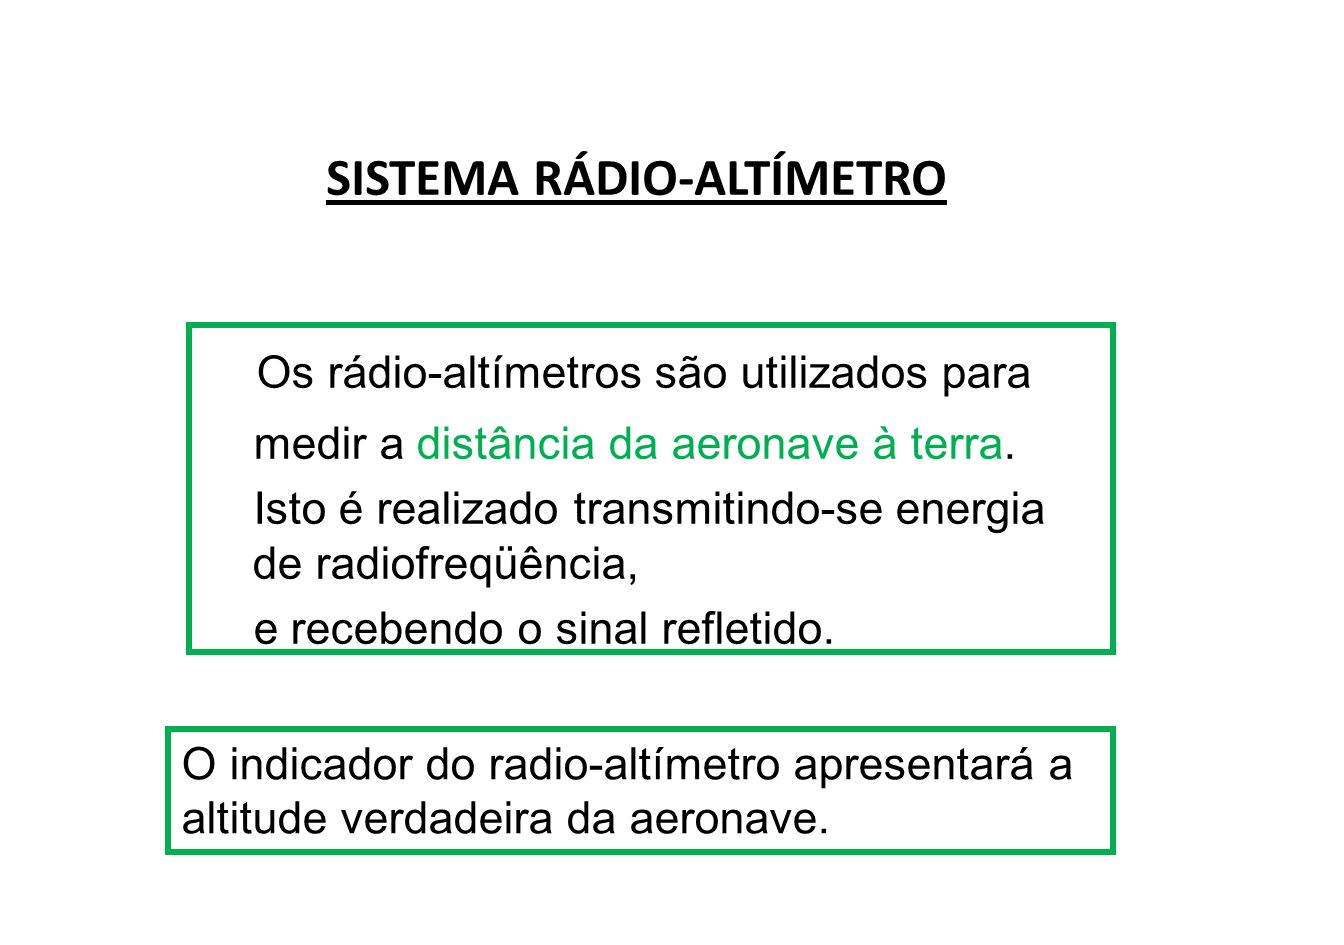 Os rádio altímetros modernos são em sua maioria do tipo de emissão de pulso, sendo a altitude calculada pela medição do tempo necessário para o pulso transmitido atingir a terra e retornar à aeronave.